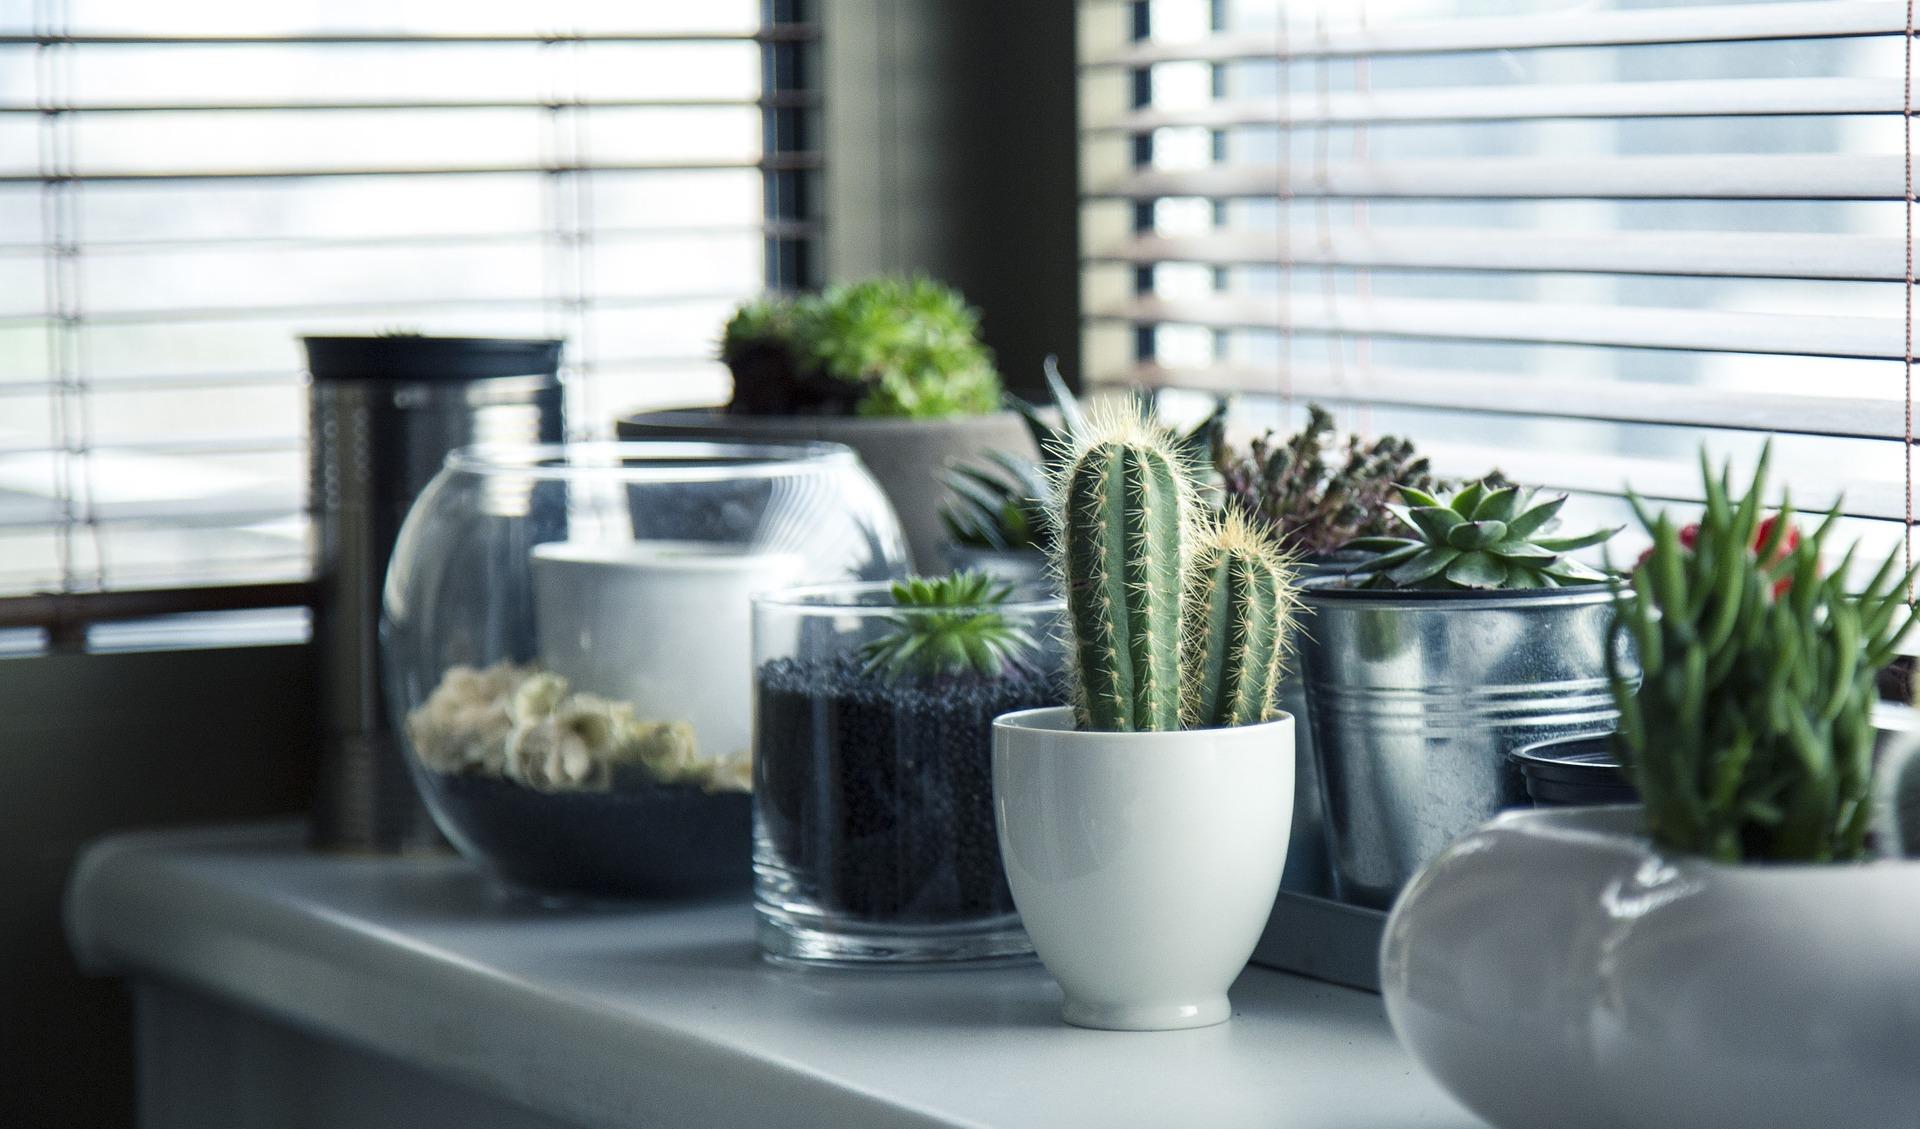 pots-716579_1920.jpg